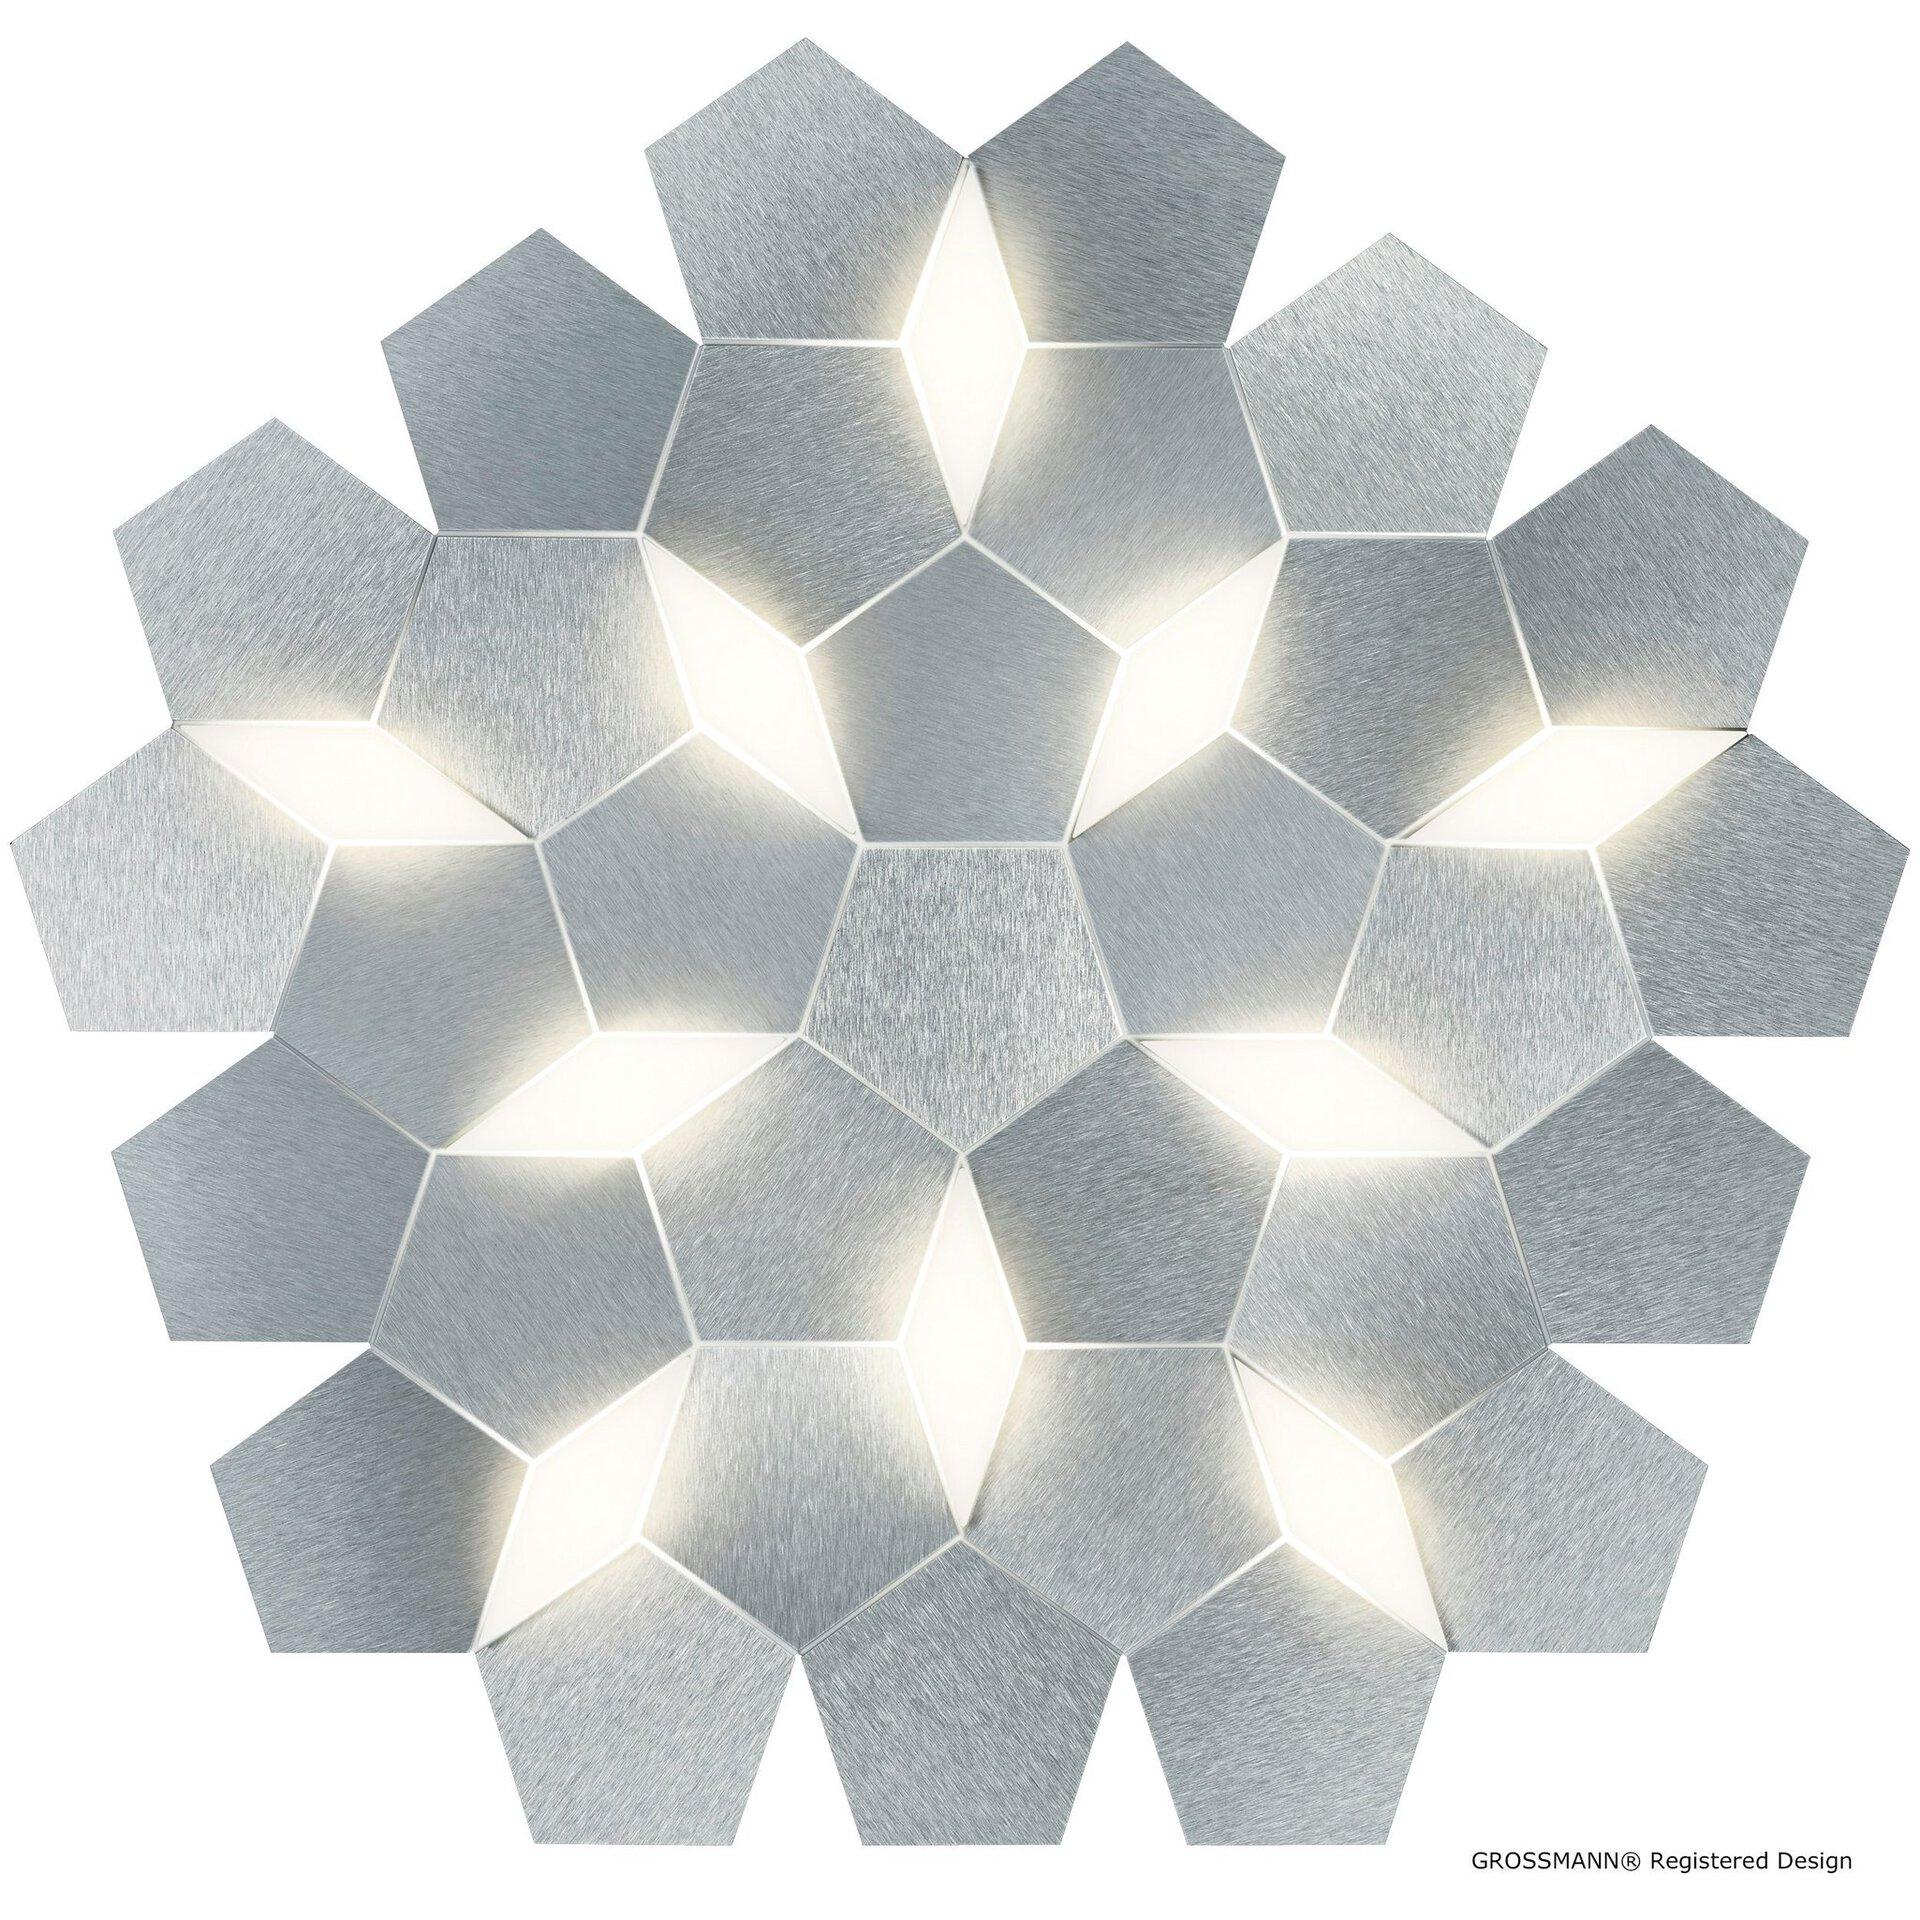 Deckenleuchte karat Grossmann Metall silber 59 x 7 x 62 cm